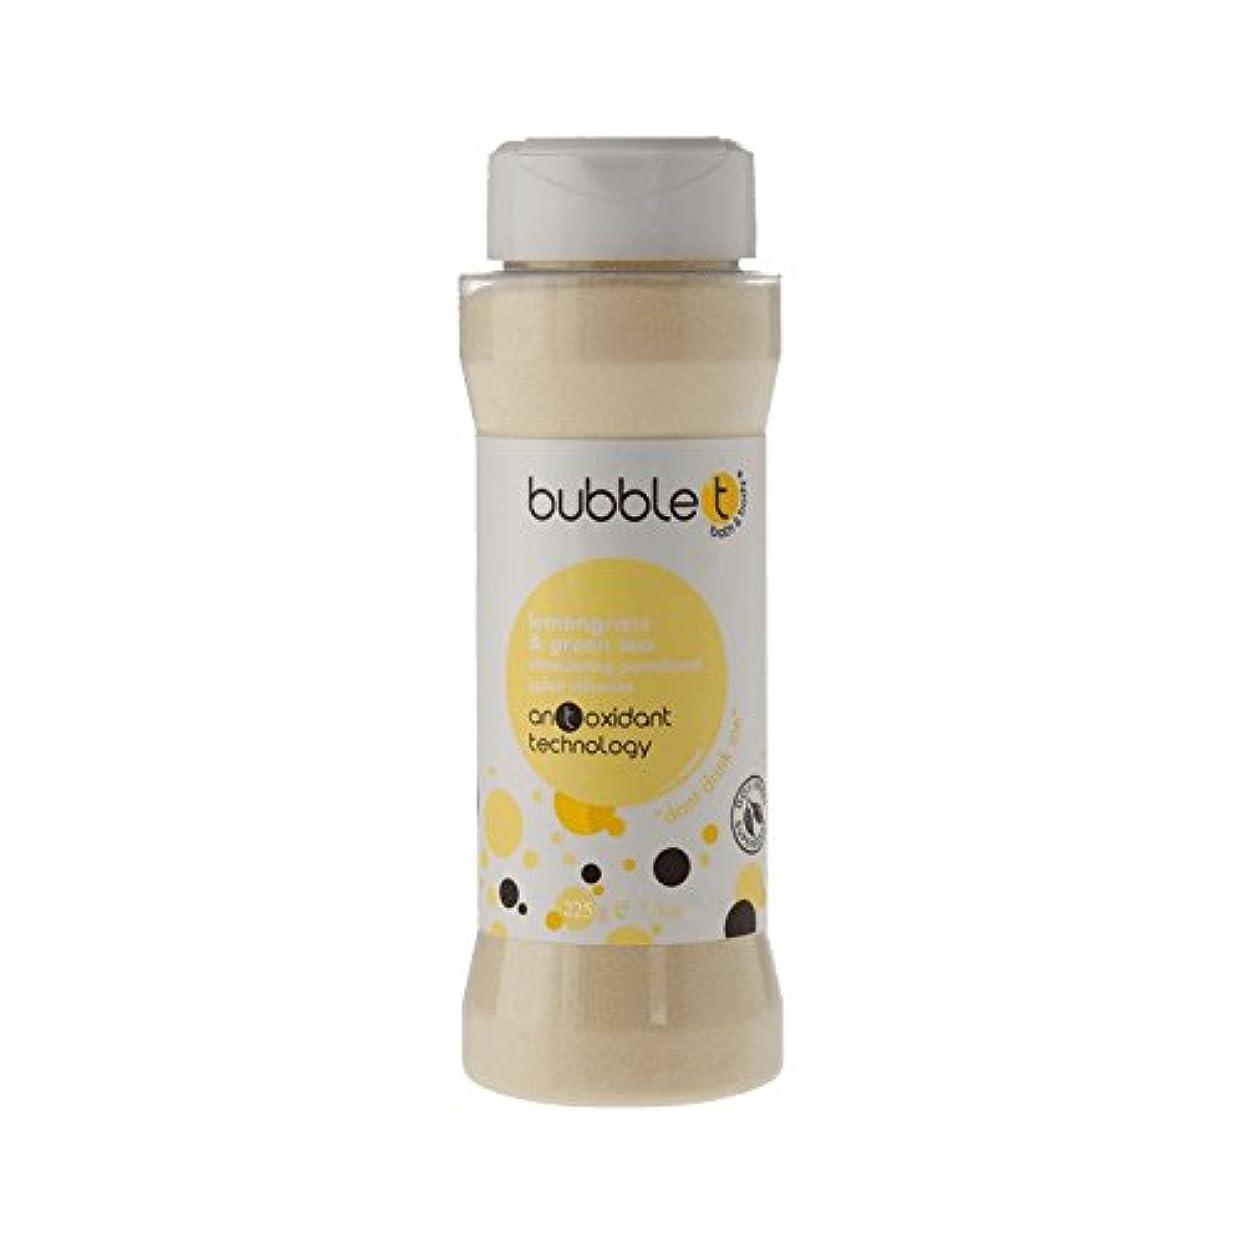 器具蓋却下するバブルトン風呂スパイス注入レモングラス&緑茶225グラム - Bubble T Bath Spice Infusion Lemongrass & Green Tea 225g (Bubble T) [並行輸入品]